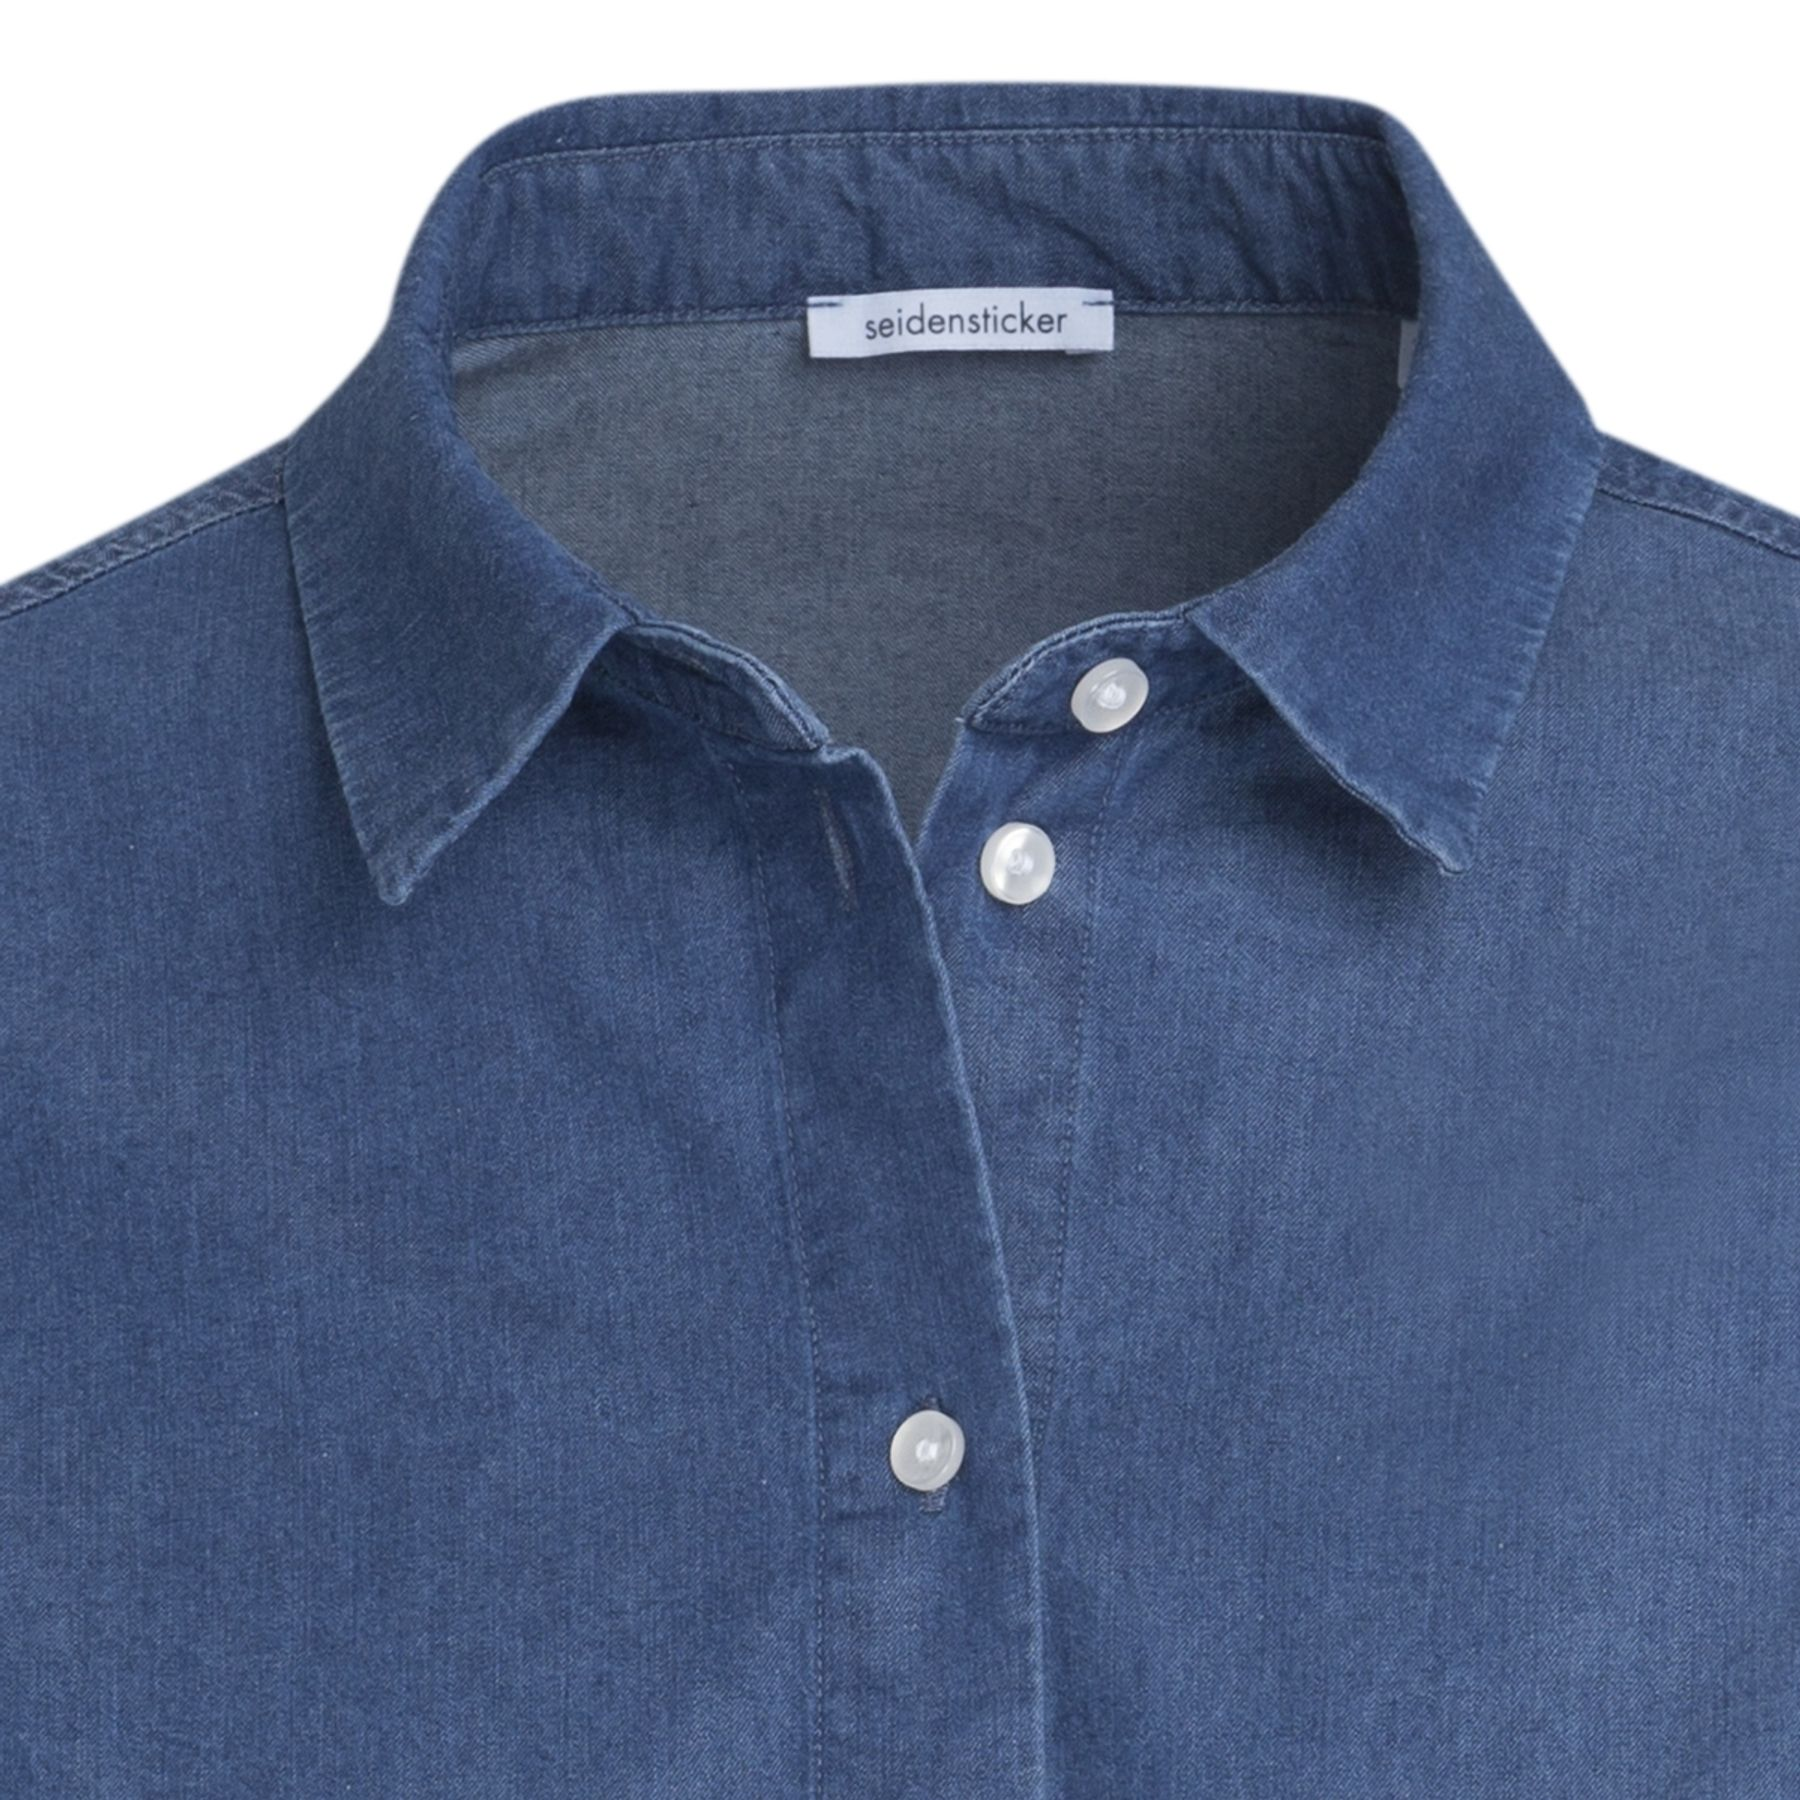 Seidensticker - Damen Bluse in Blau (60.127521) – Bild 4